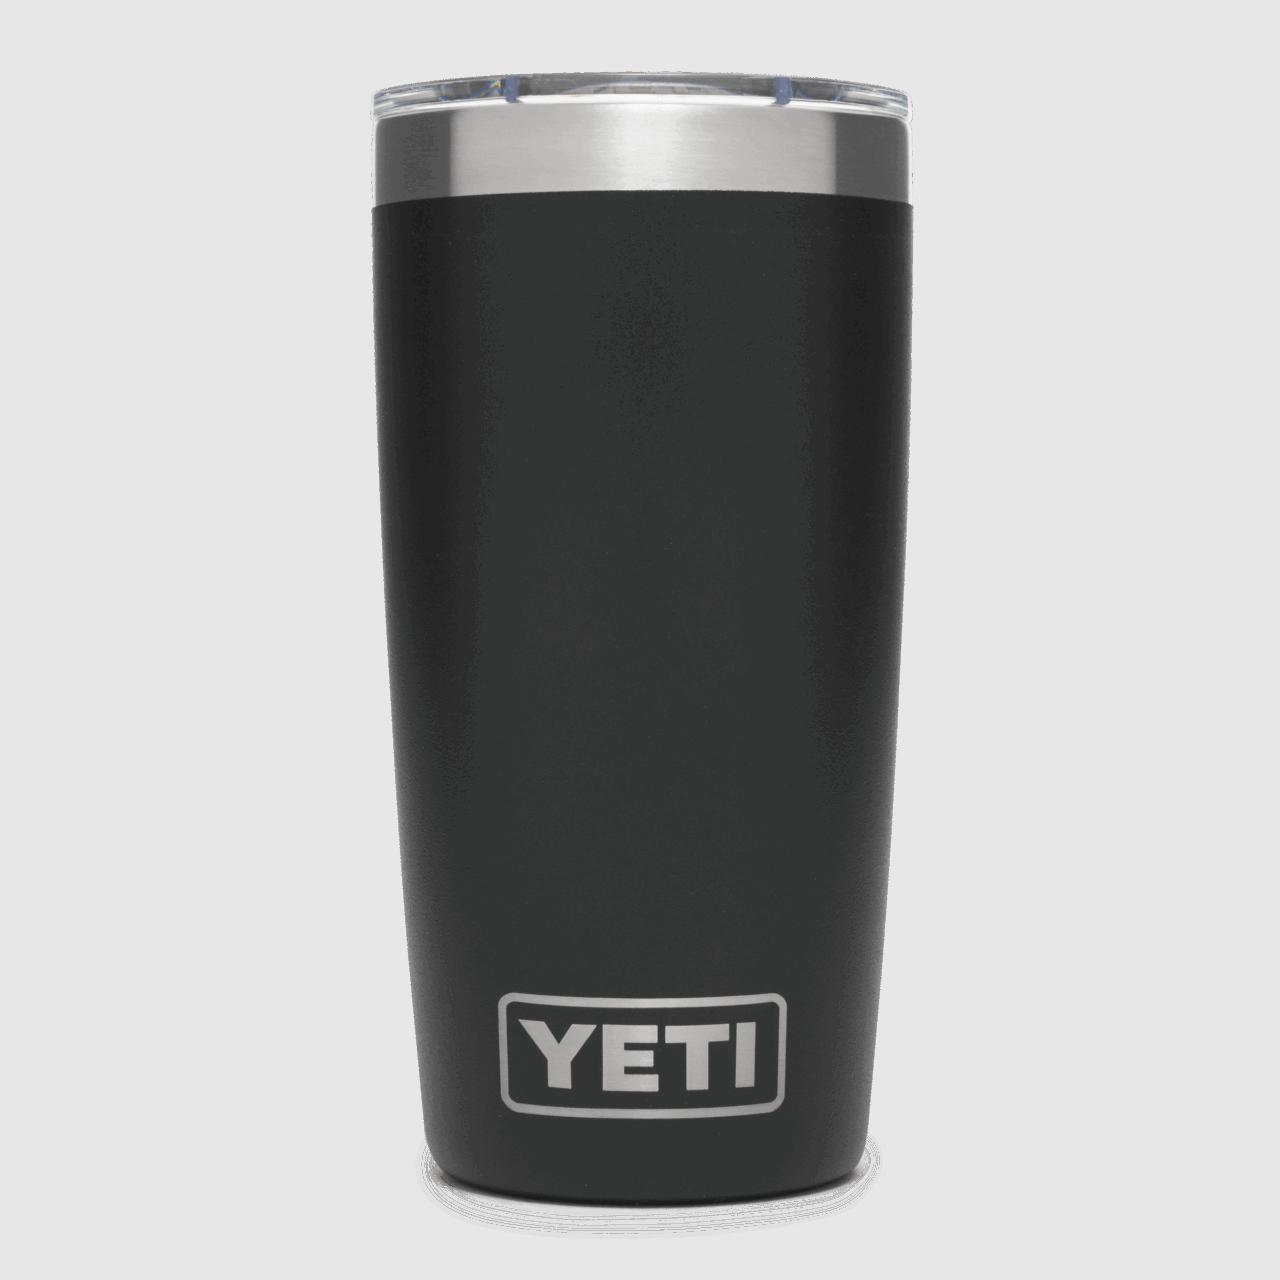 YETI Rambler 10 oz Becher - black